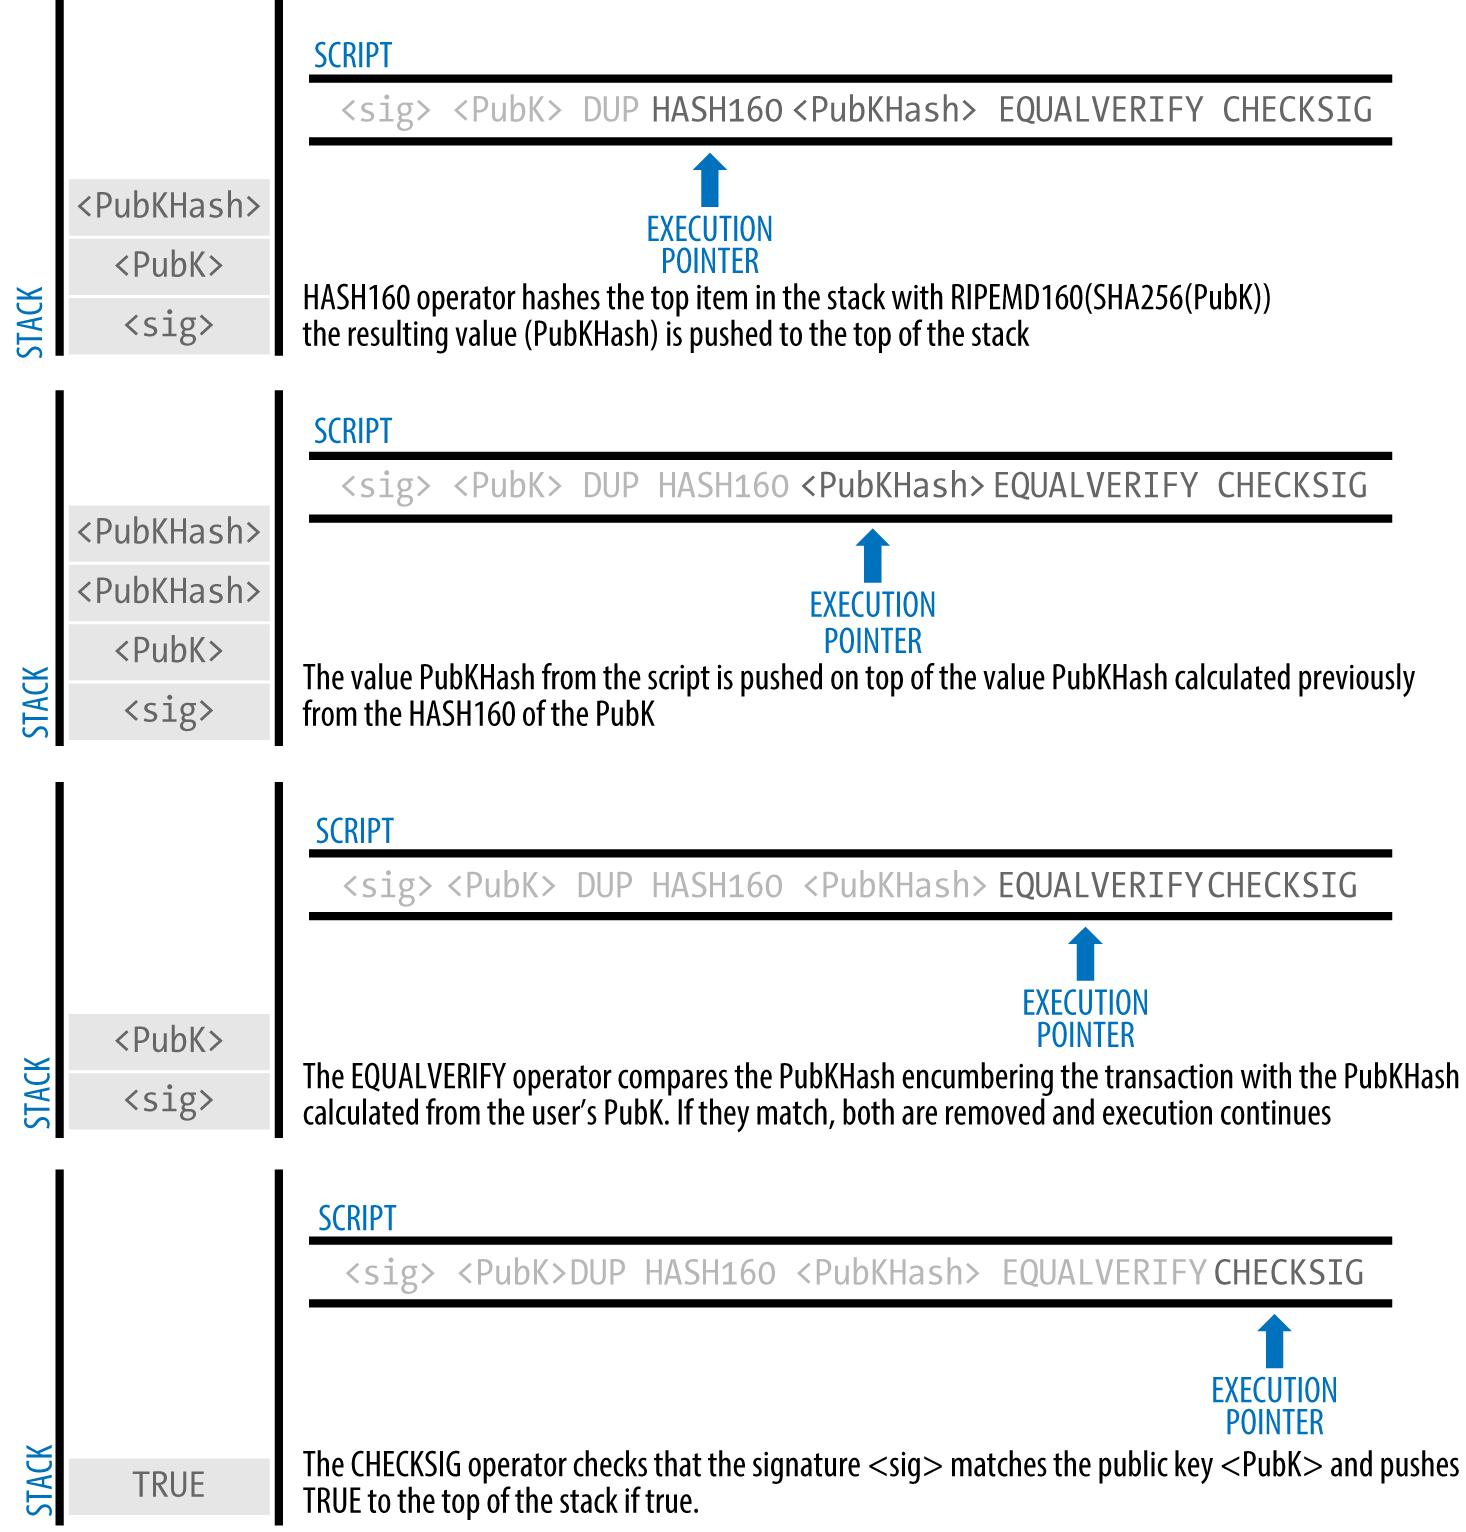 图6-6评估P2PKH交易的脚本(2/2)